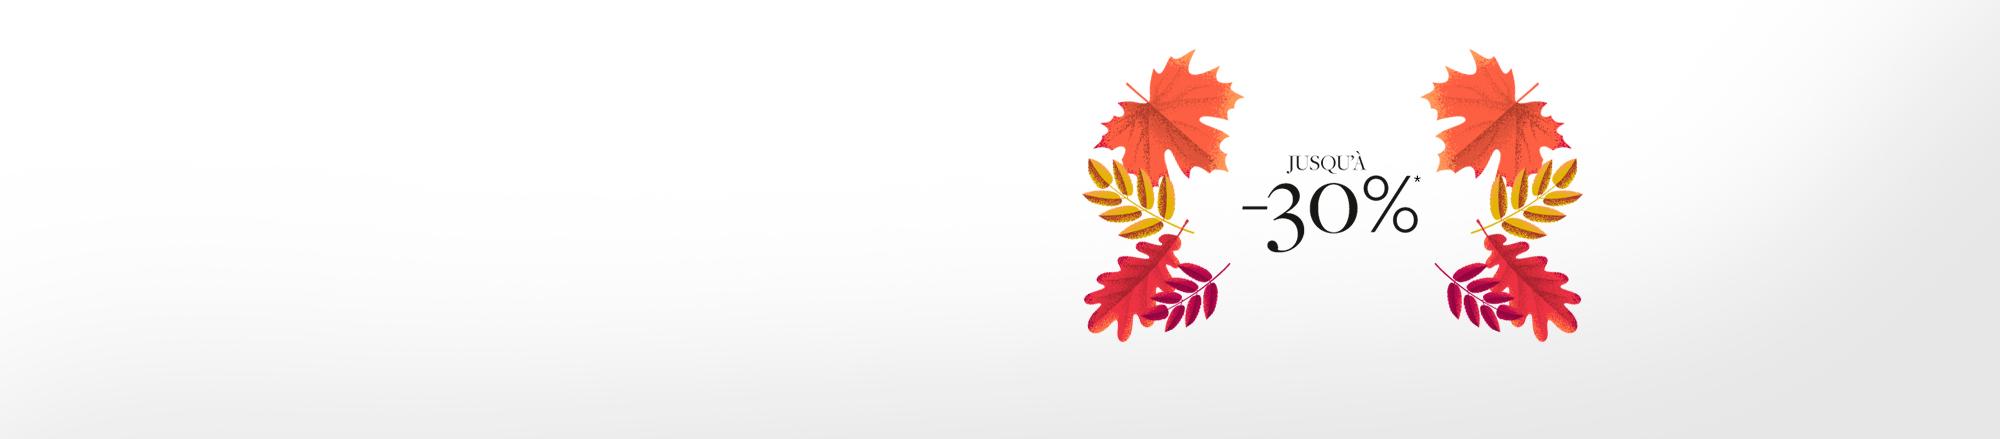 bandeau-couleurs-automne